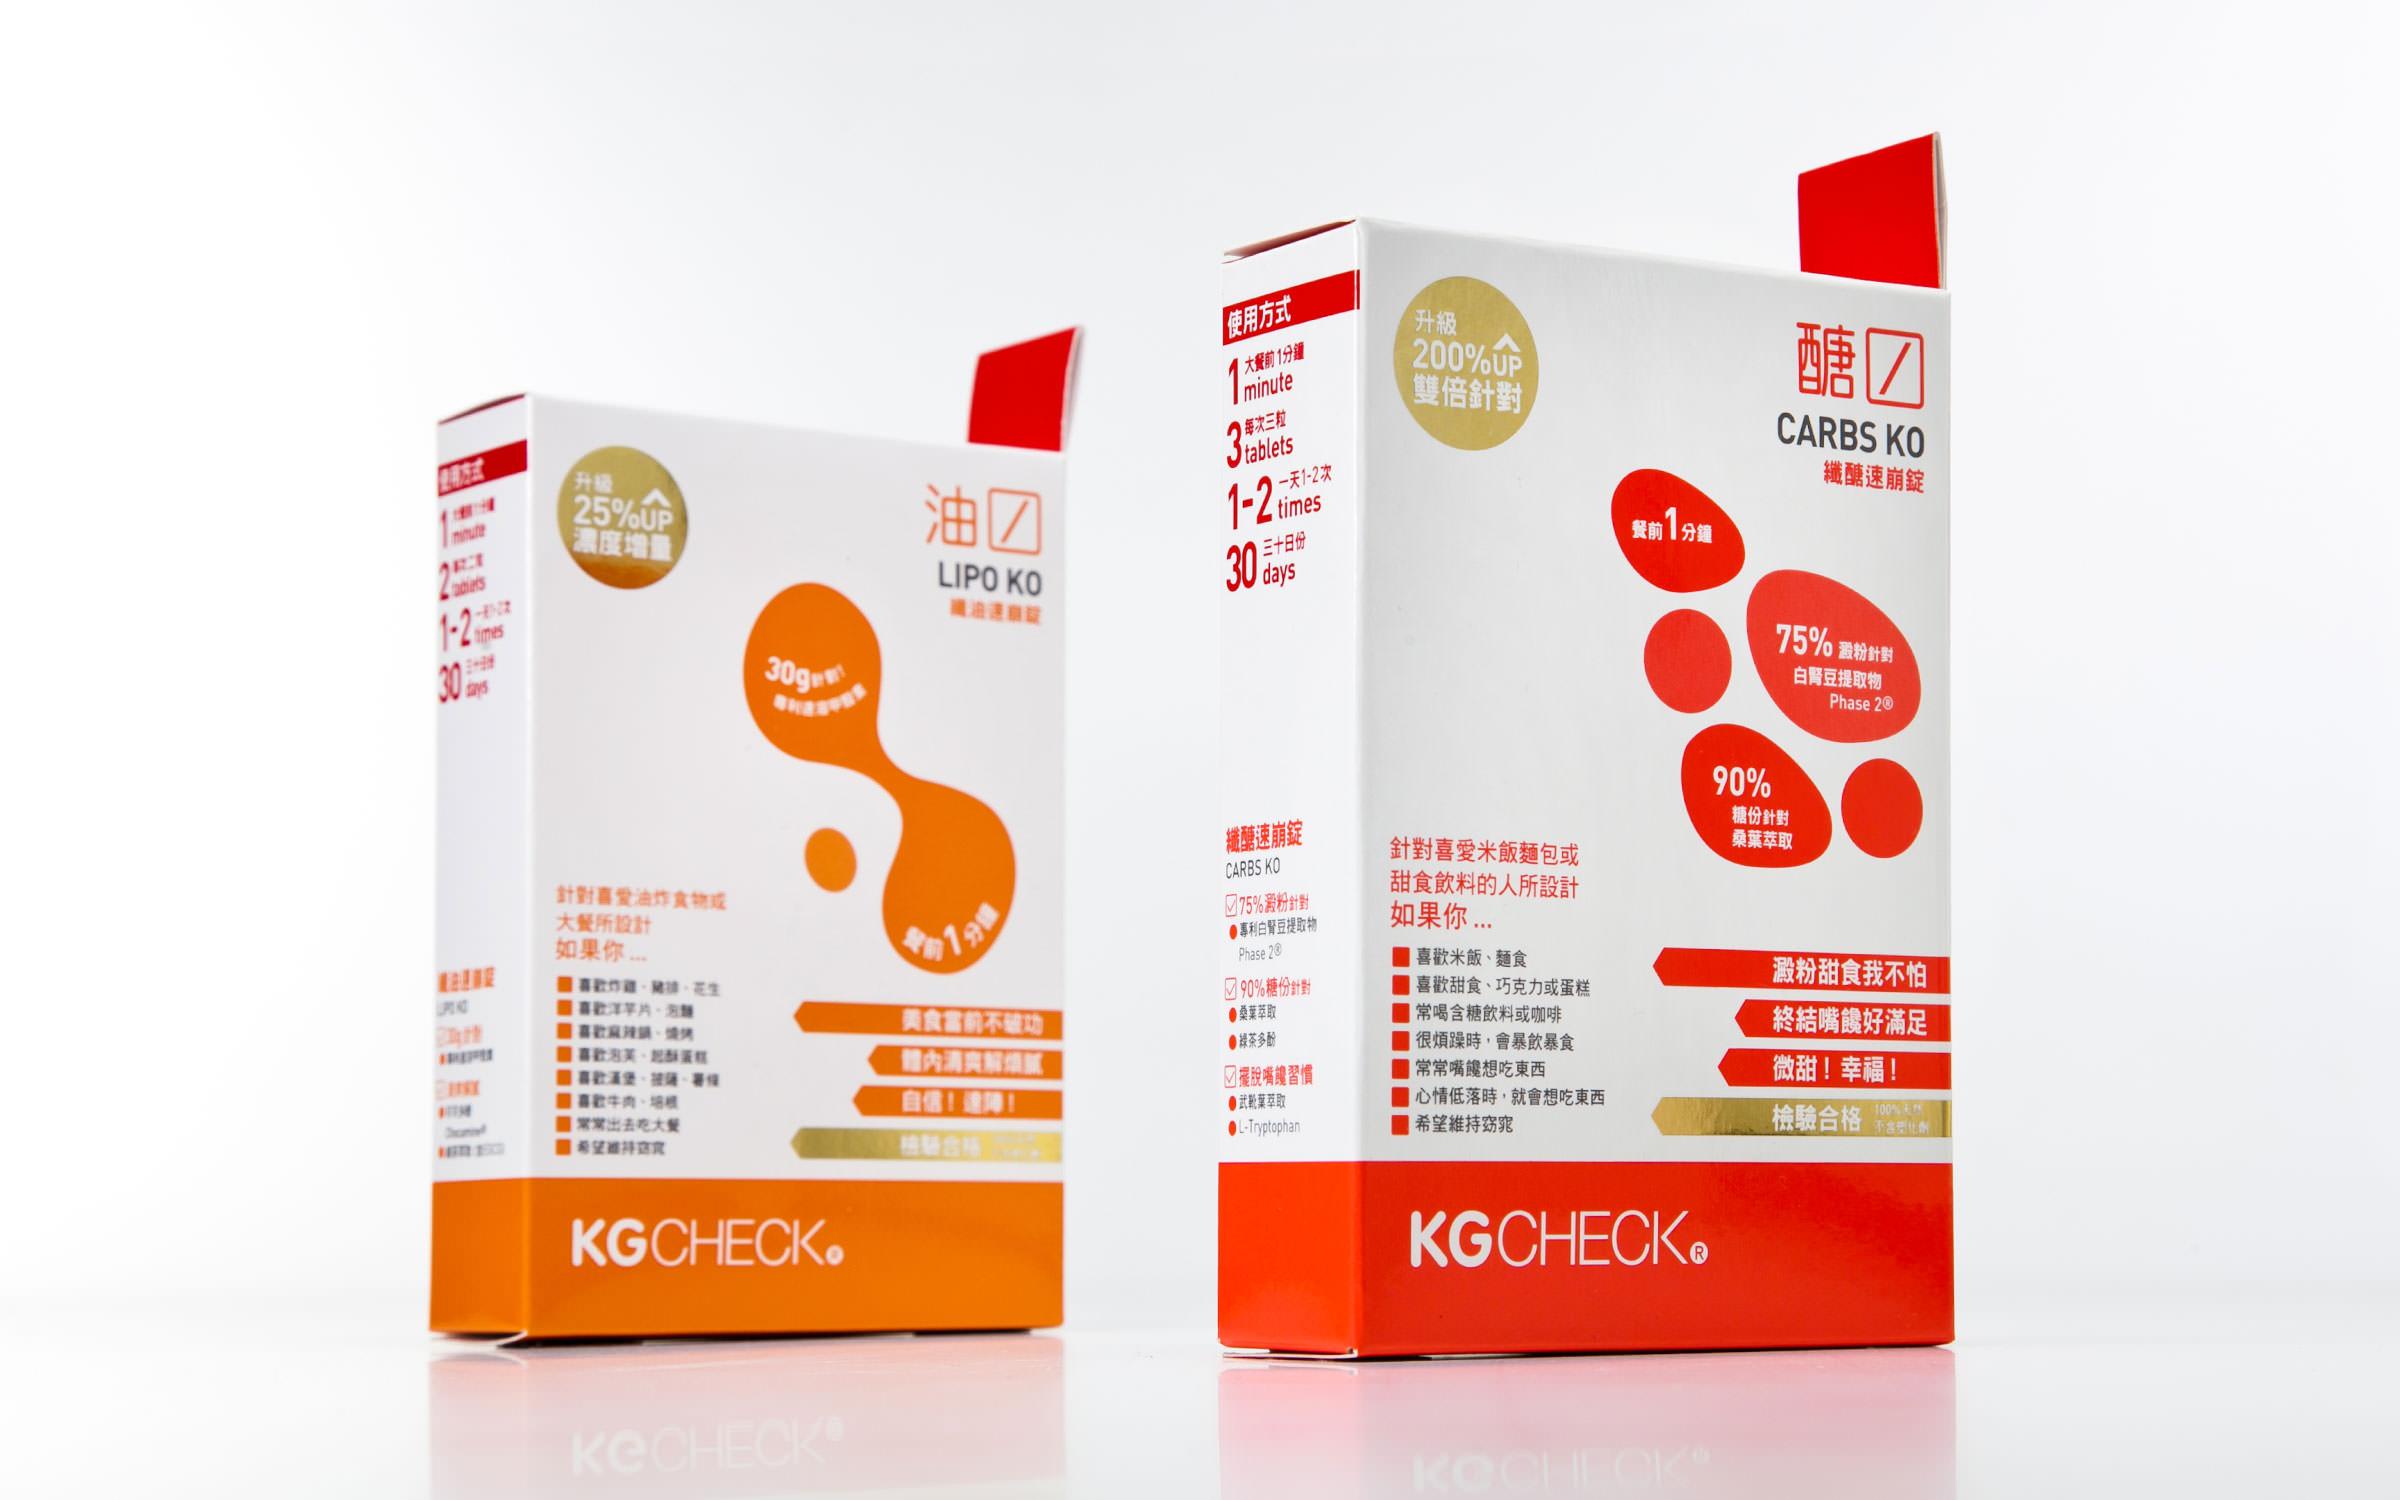 KGC_2400X1500_2.jpg